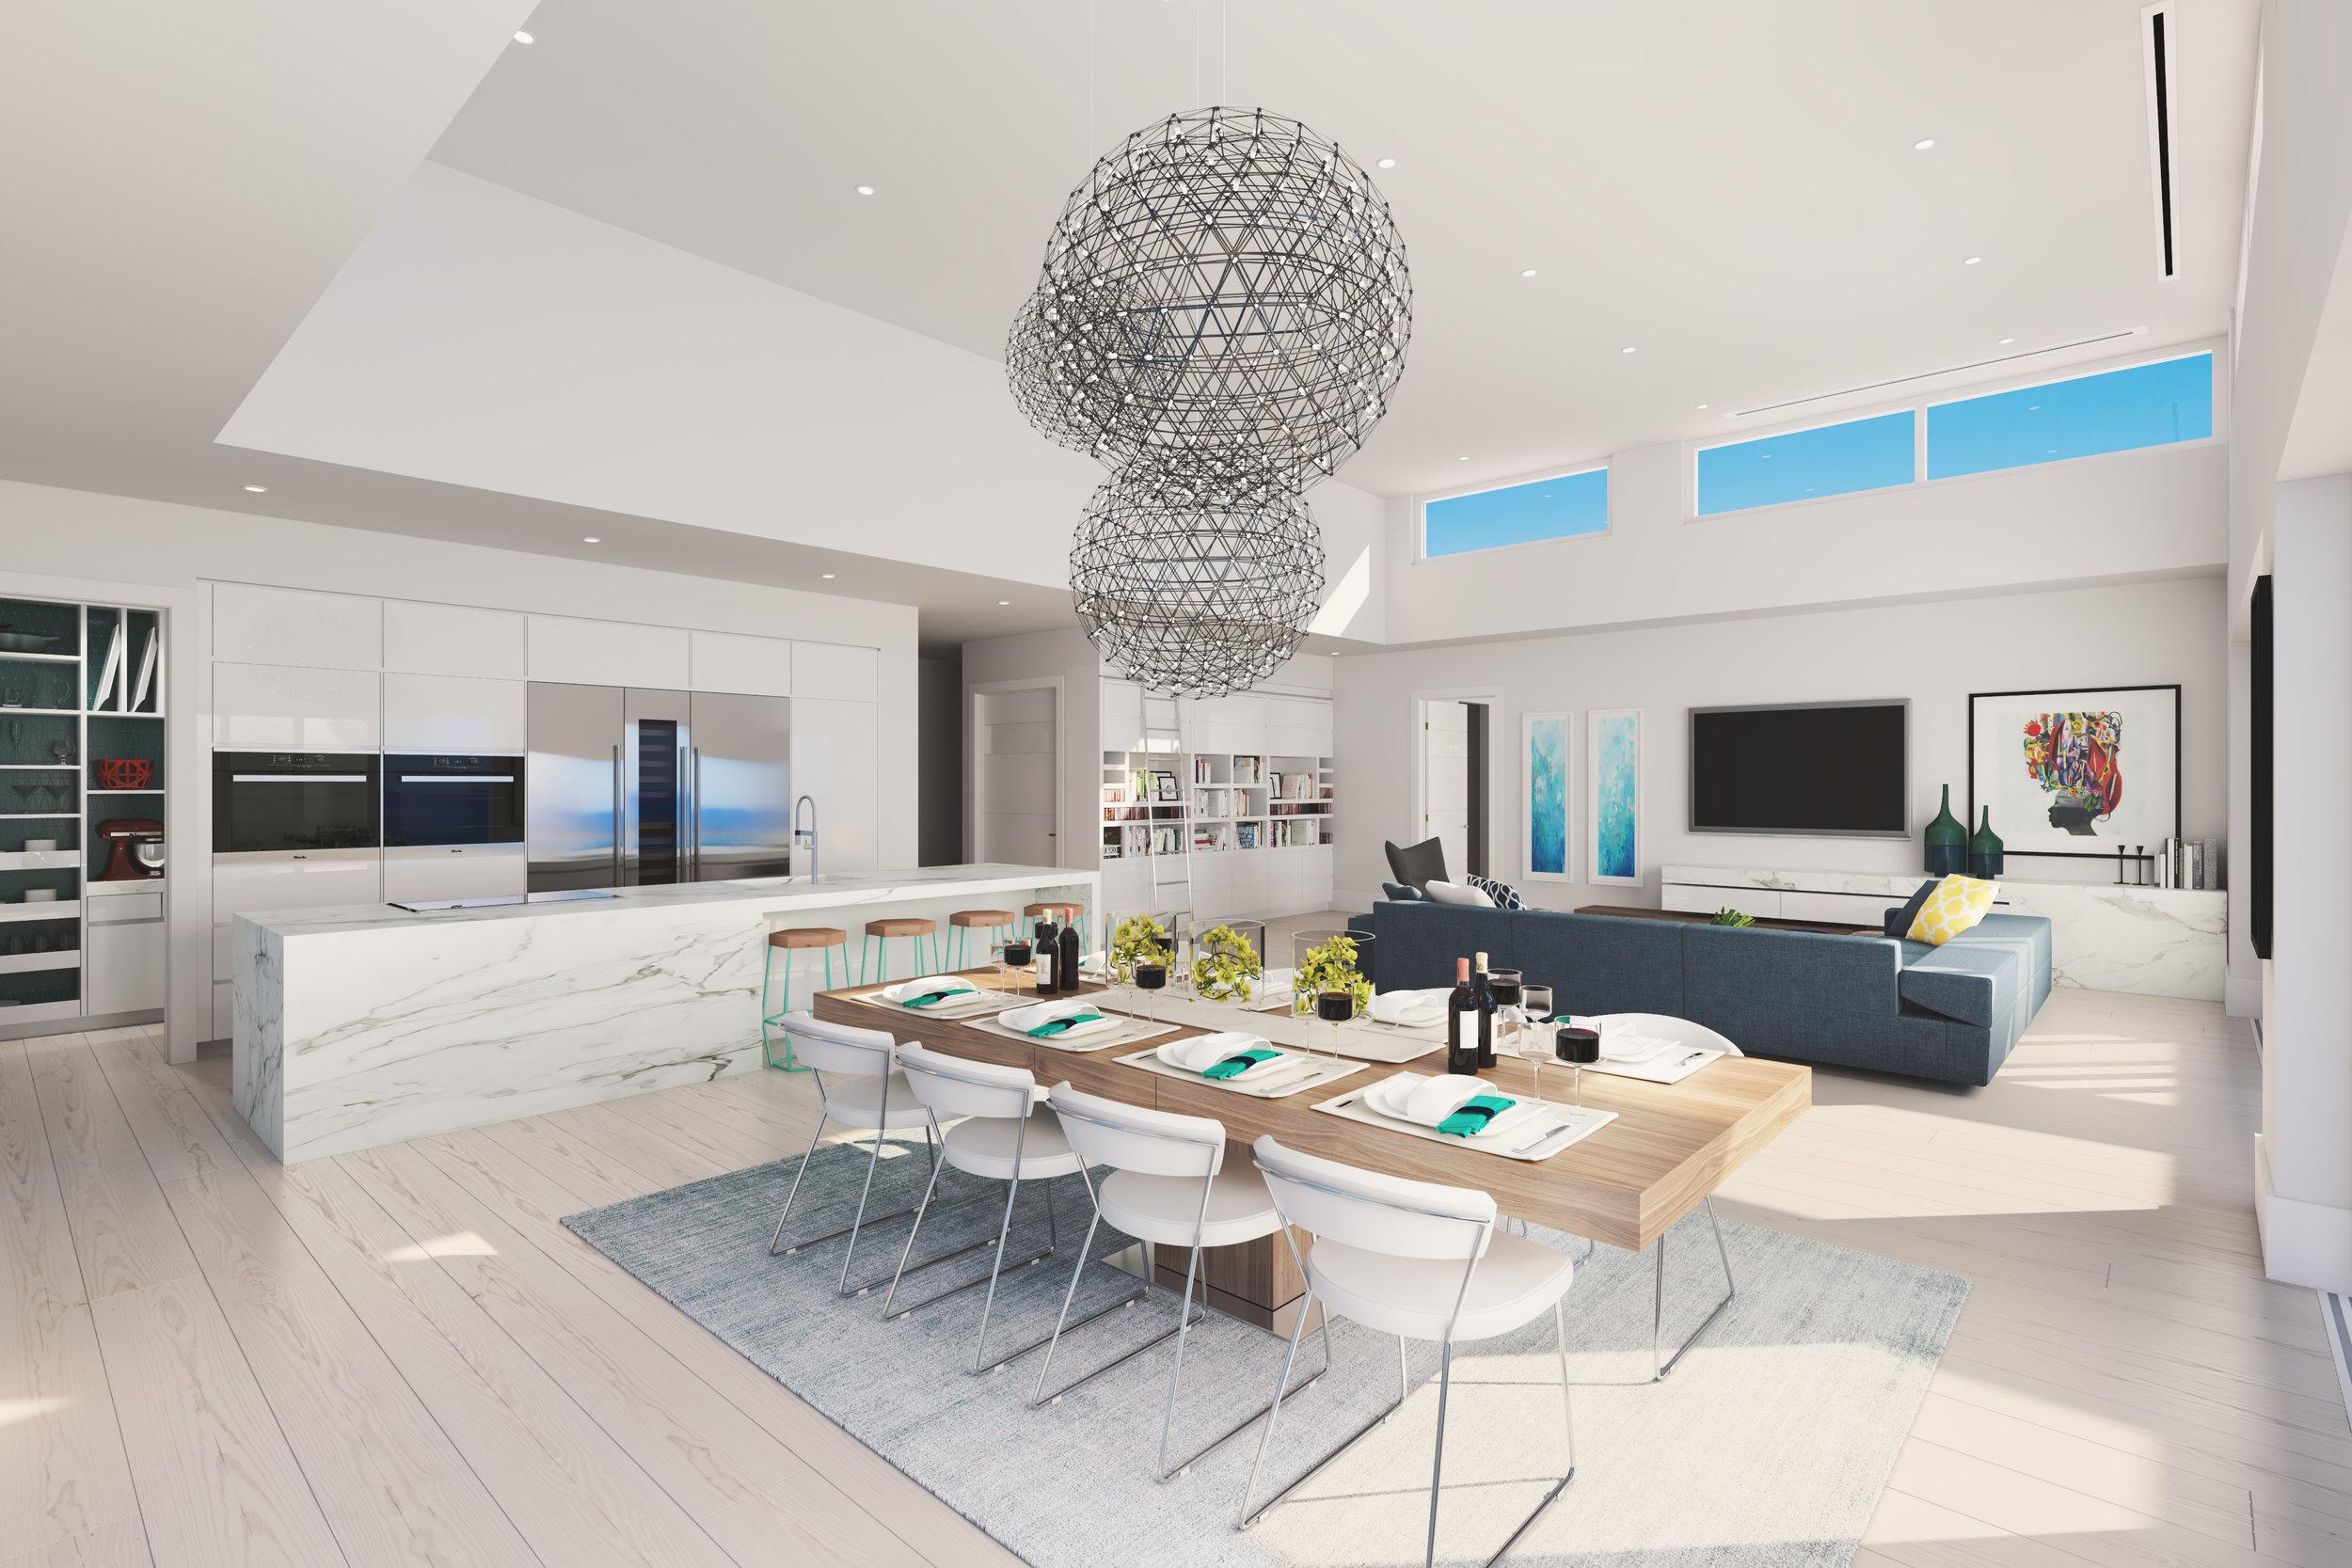 Aqua_Interior_Kitchen.jpg